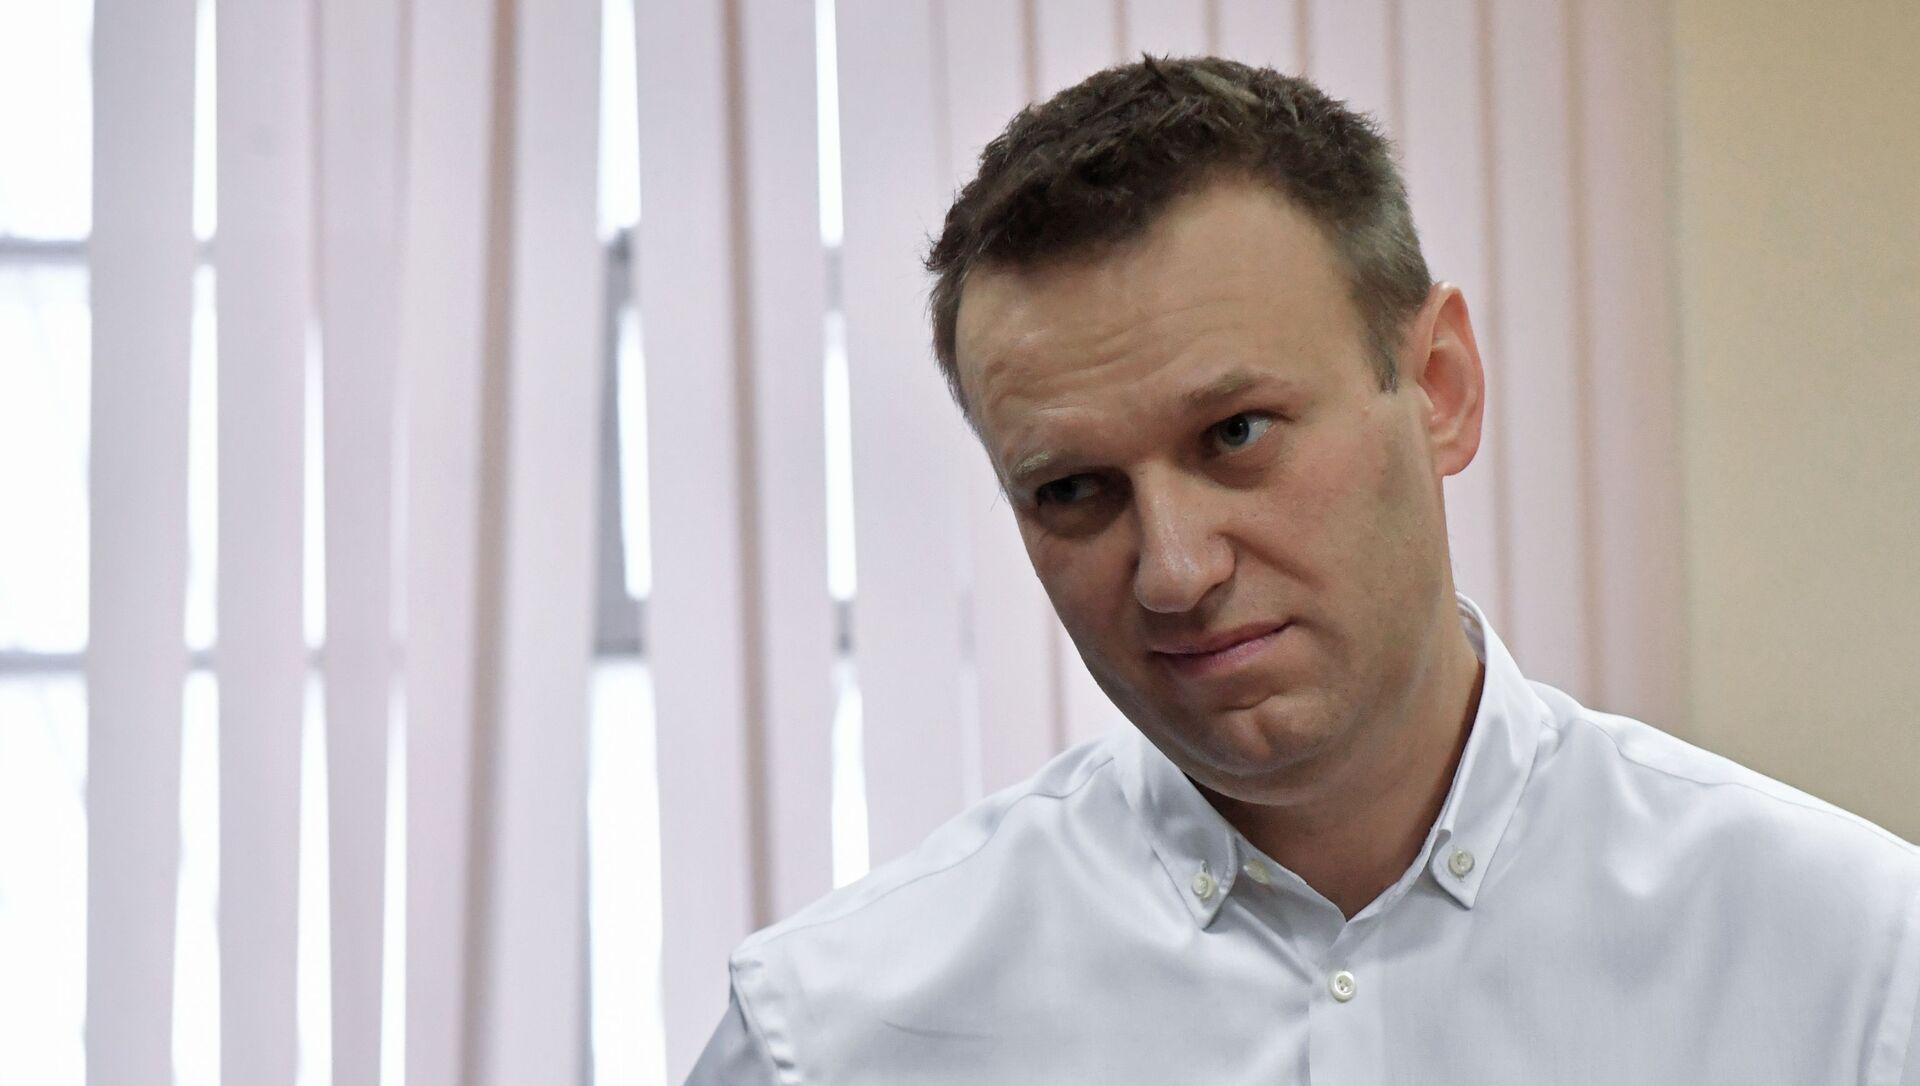 Ruský opoziční aktivista Alexej Navalnyj - Sputnik Česká republika, 1920, 02.02.2021